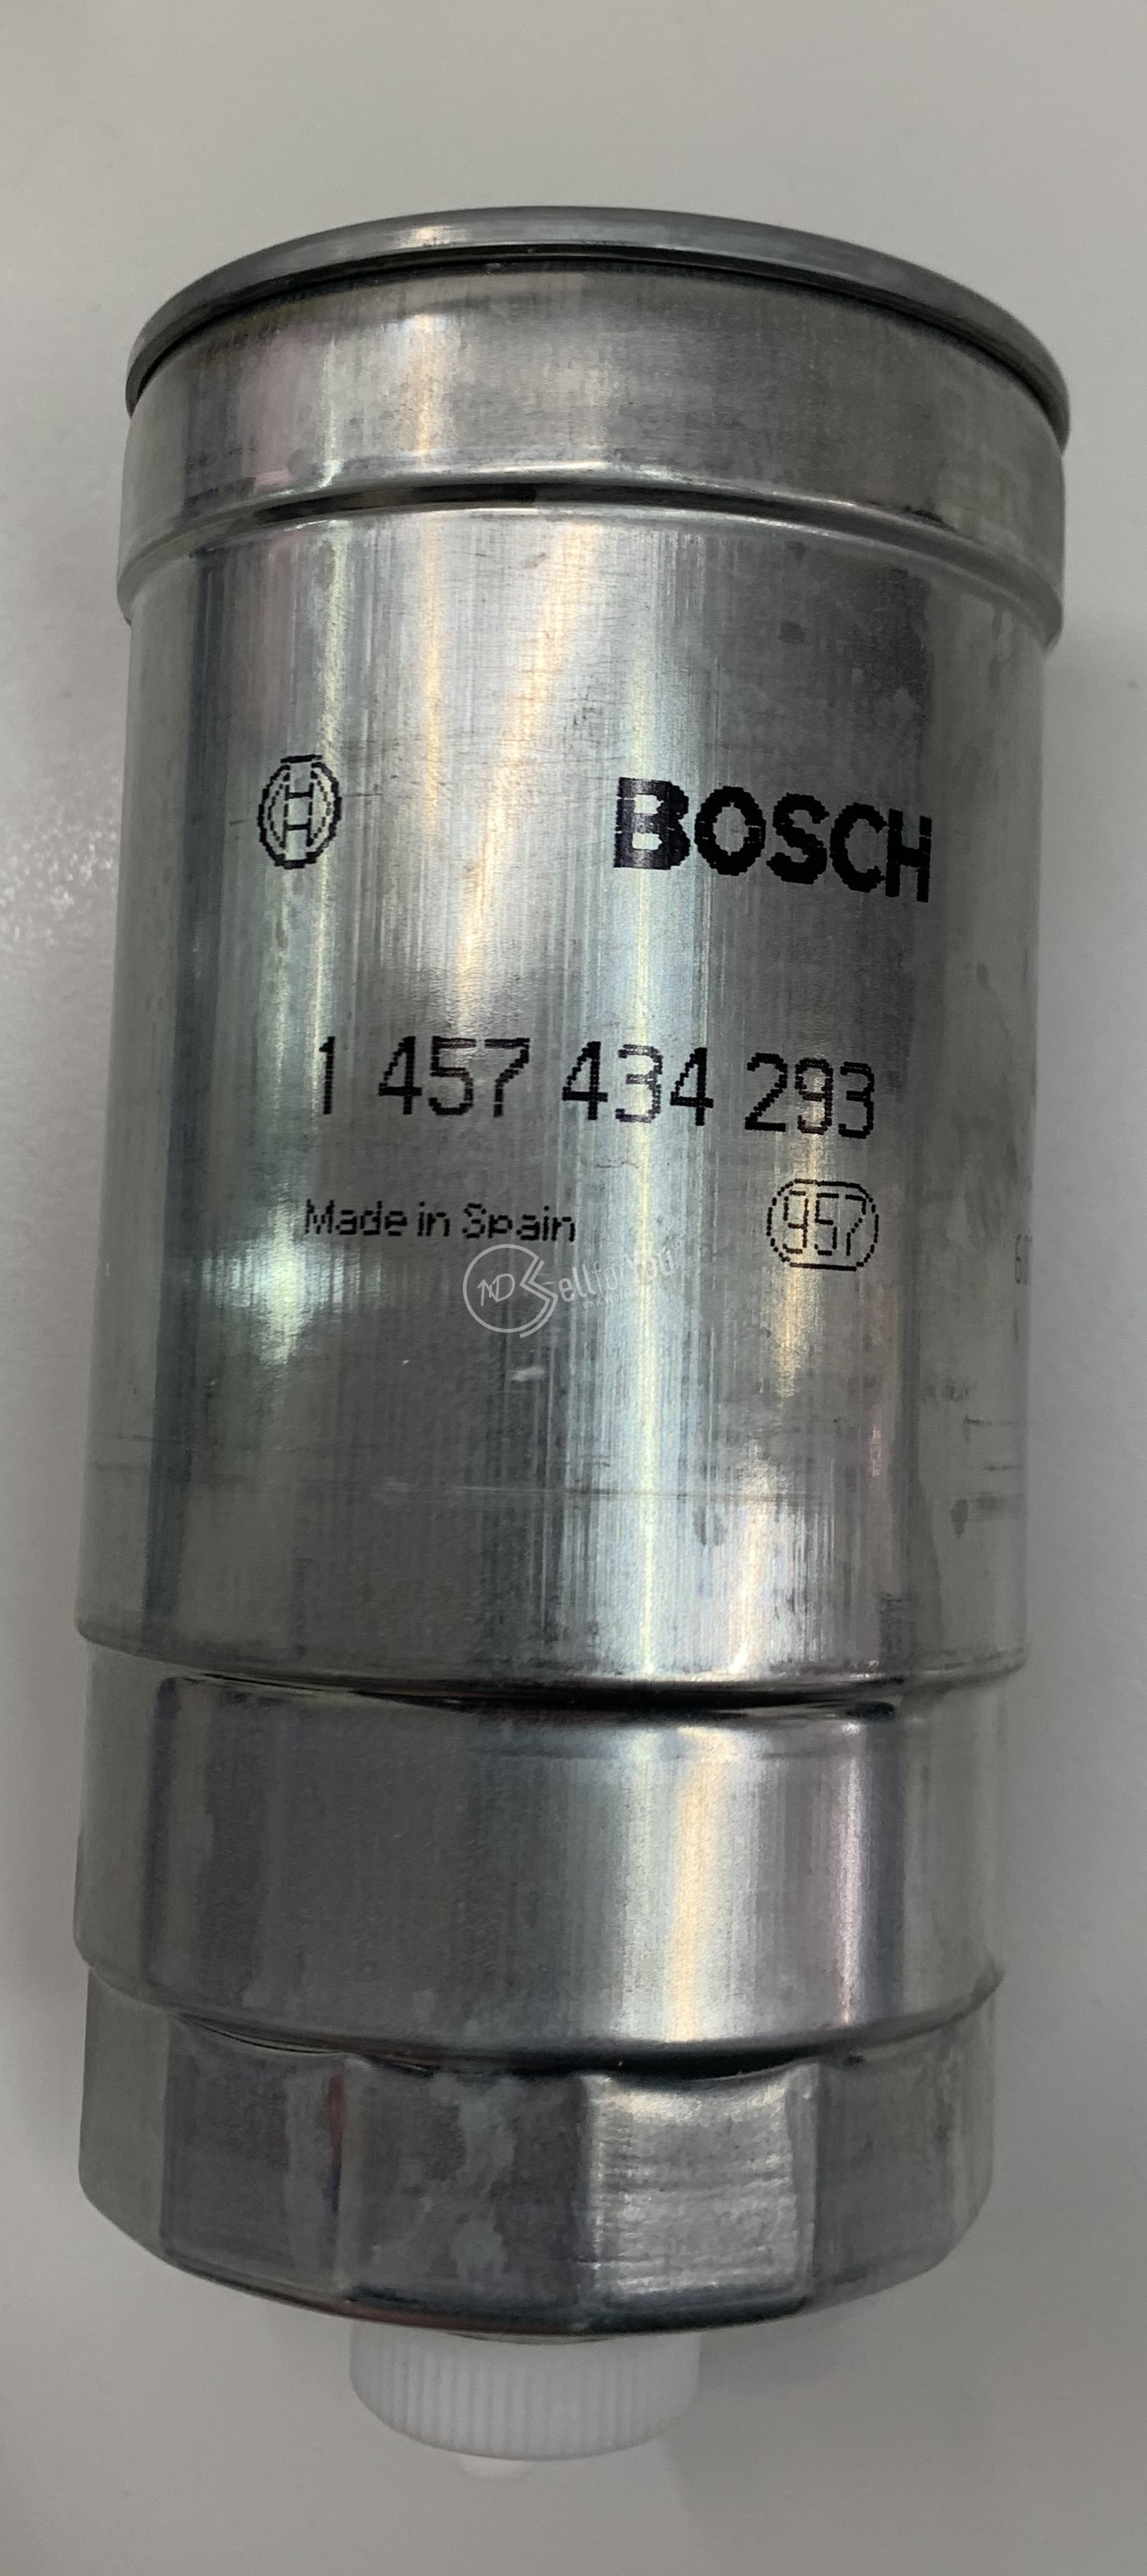 sellforyou immagine default articolo correlato non trovatoFiltro carburante Bosch 1457434293-850 made in Spagna